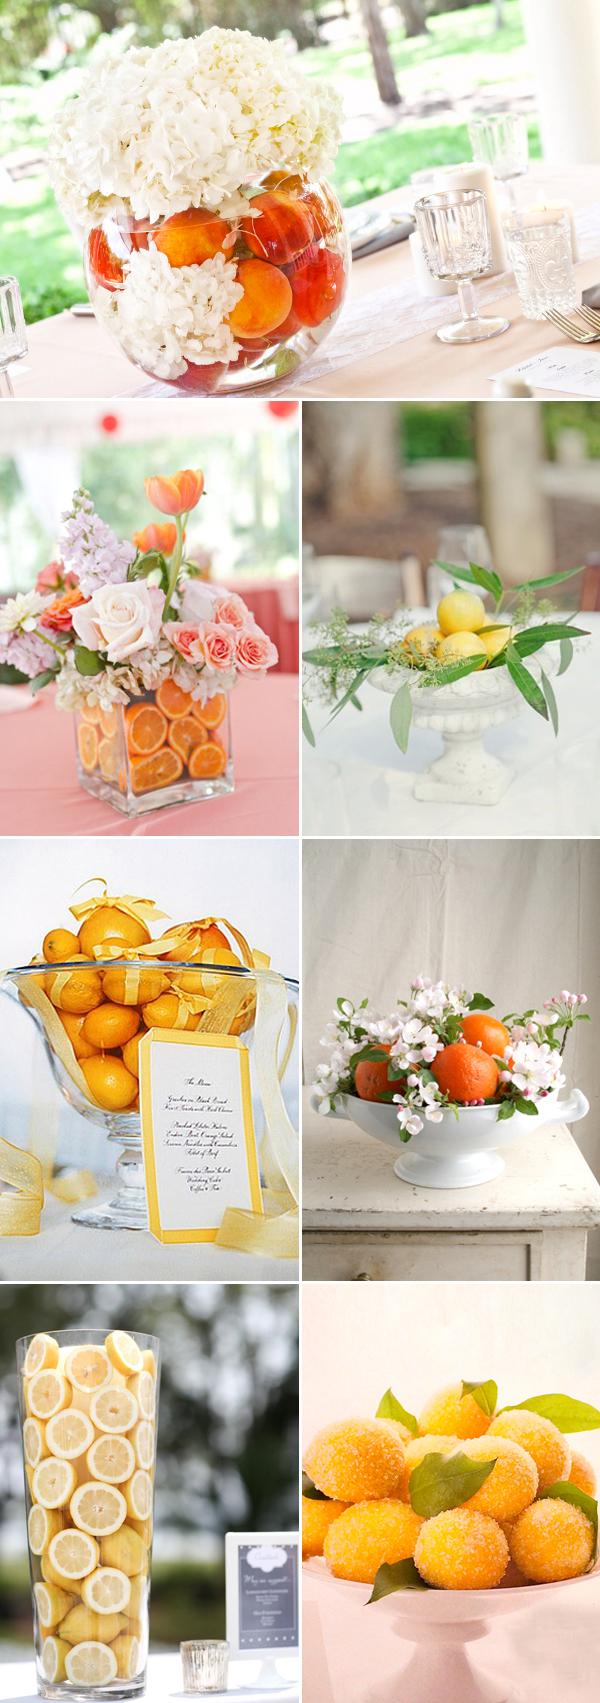 centerpiece03-fruits